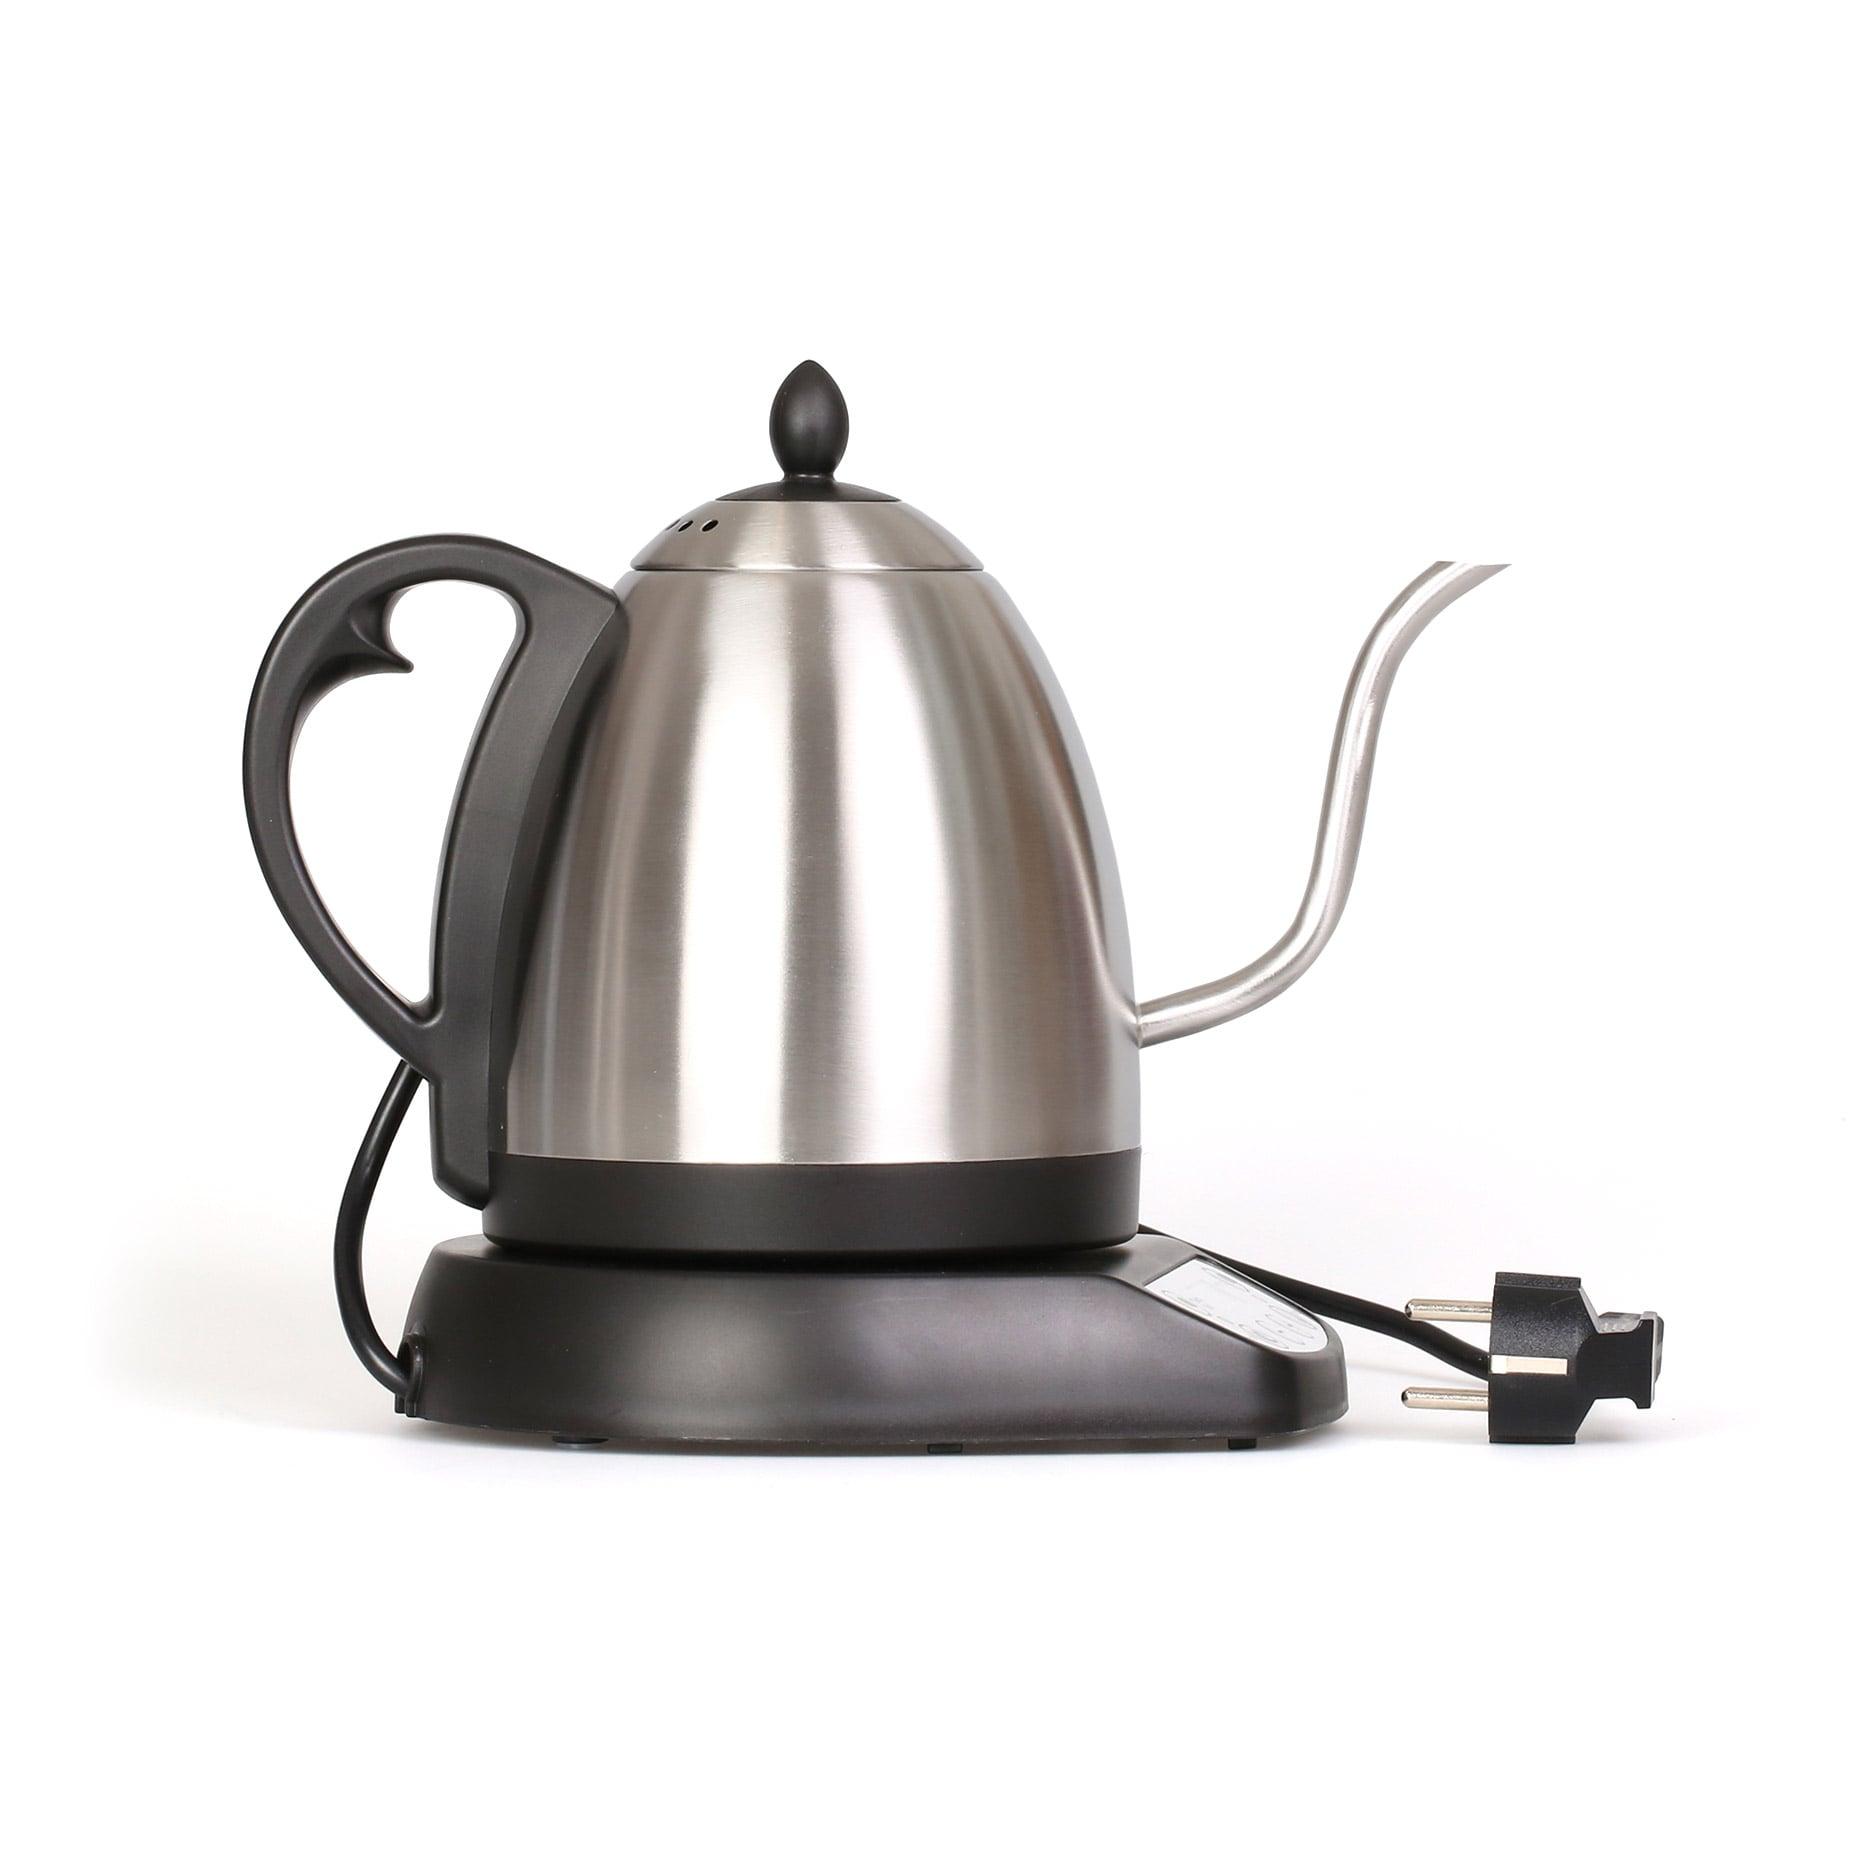 bonavita wasserkocher mit temperatureinstellung online kaufen coffee circle. Black Bedroom Furniture Sets. Home Design Ideas